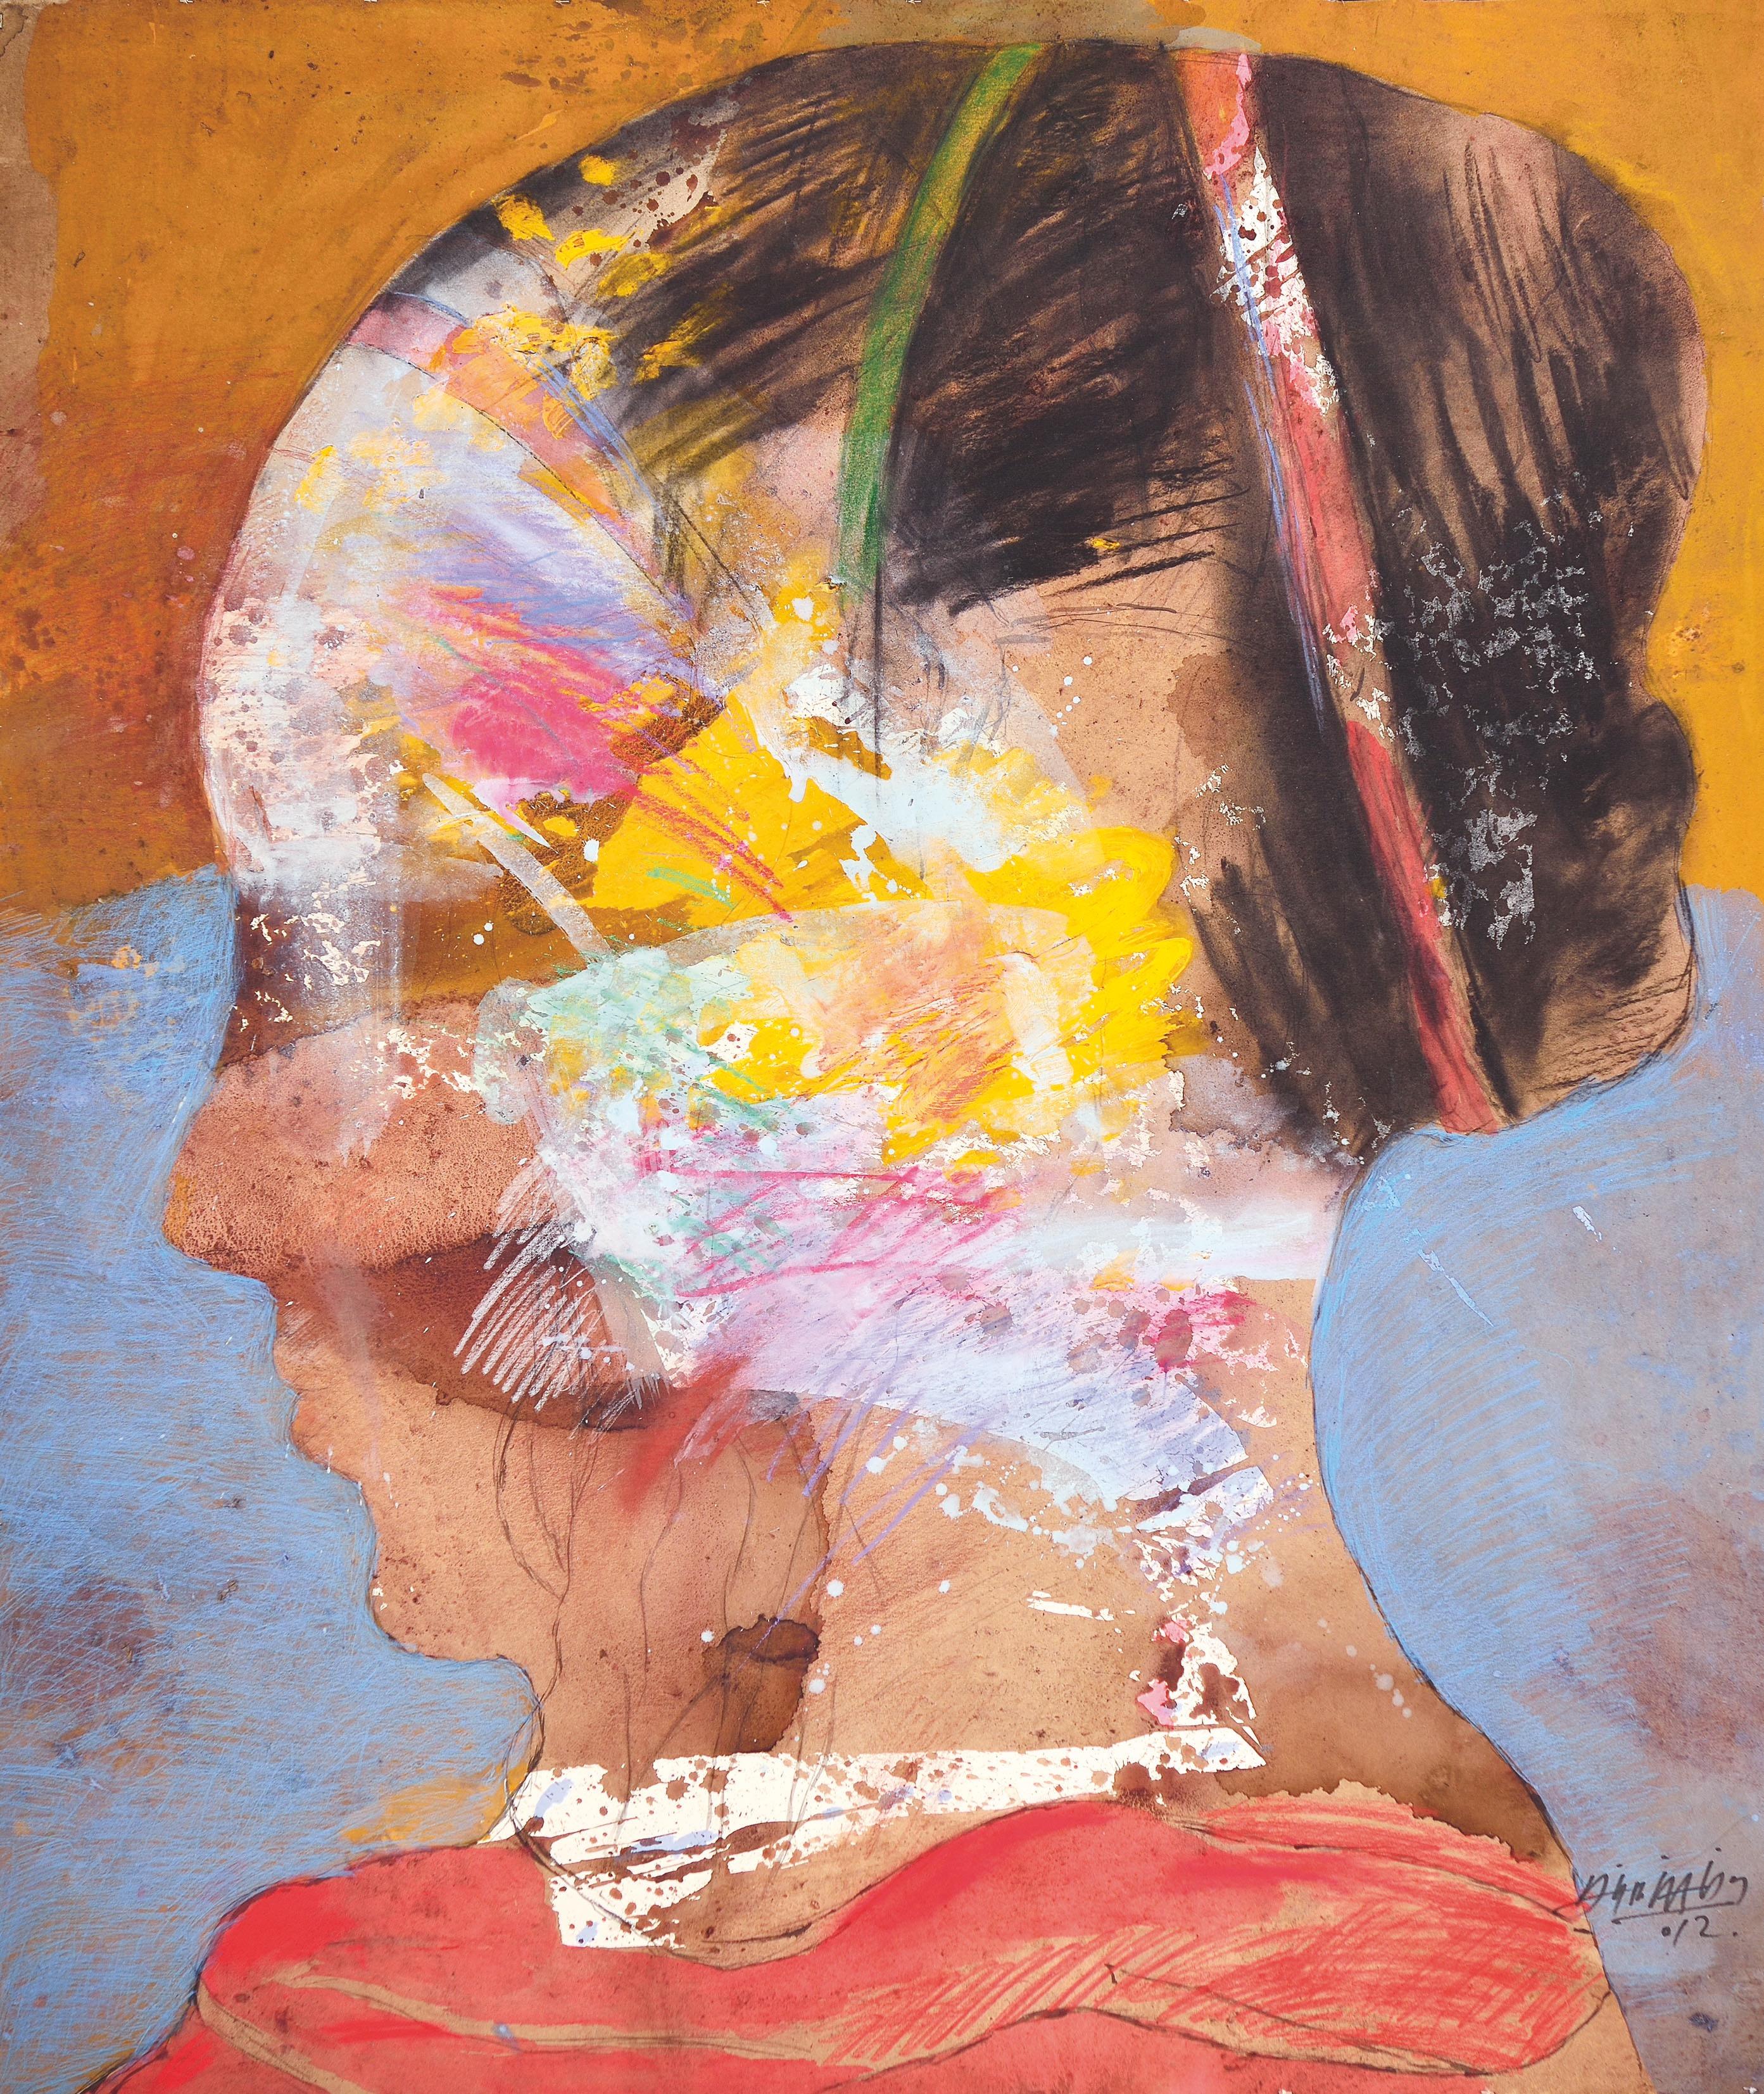 Alirio Palacios, La_mujer_que_siempre_ame_No_7, 2011, Natural Pigment, Chinese ink, and watercolor crayon _154 x 130cm, 60.6 x 51.1in